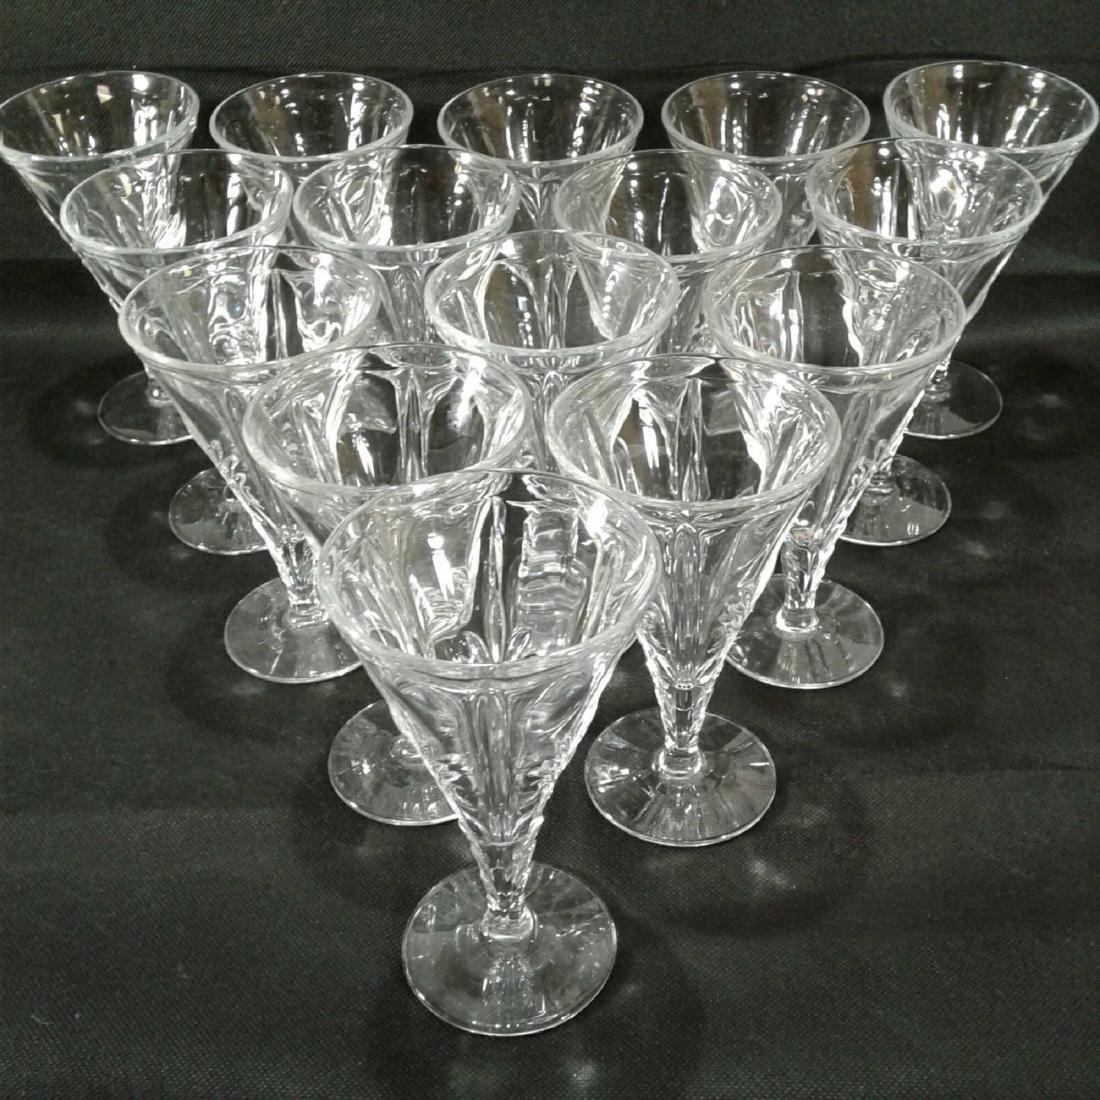 15 Desert Glasses